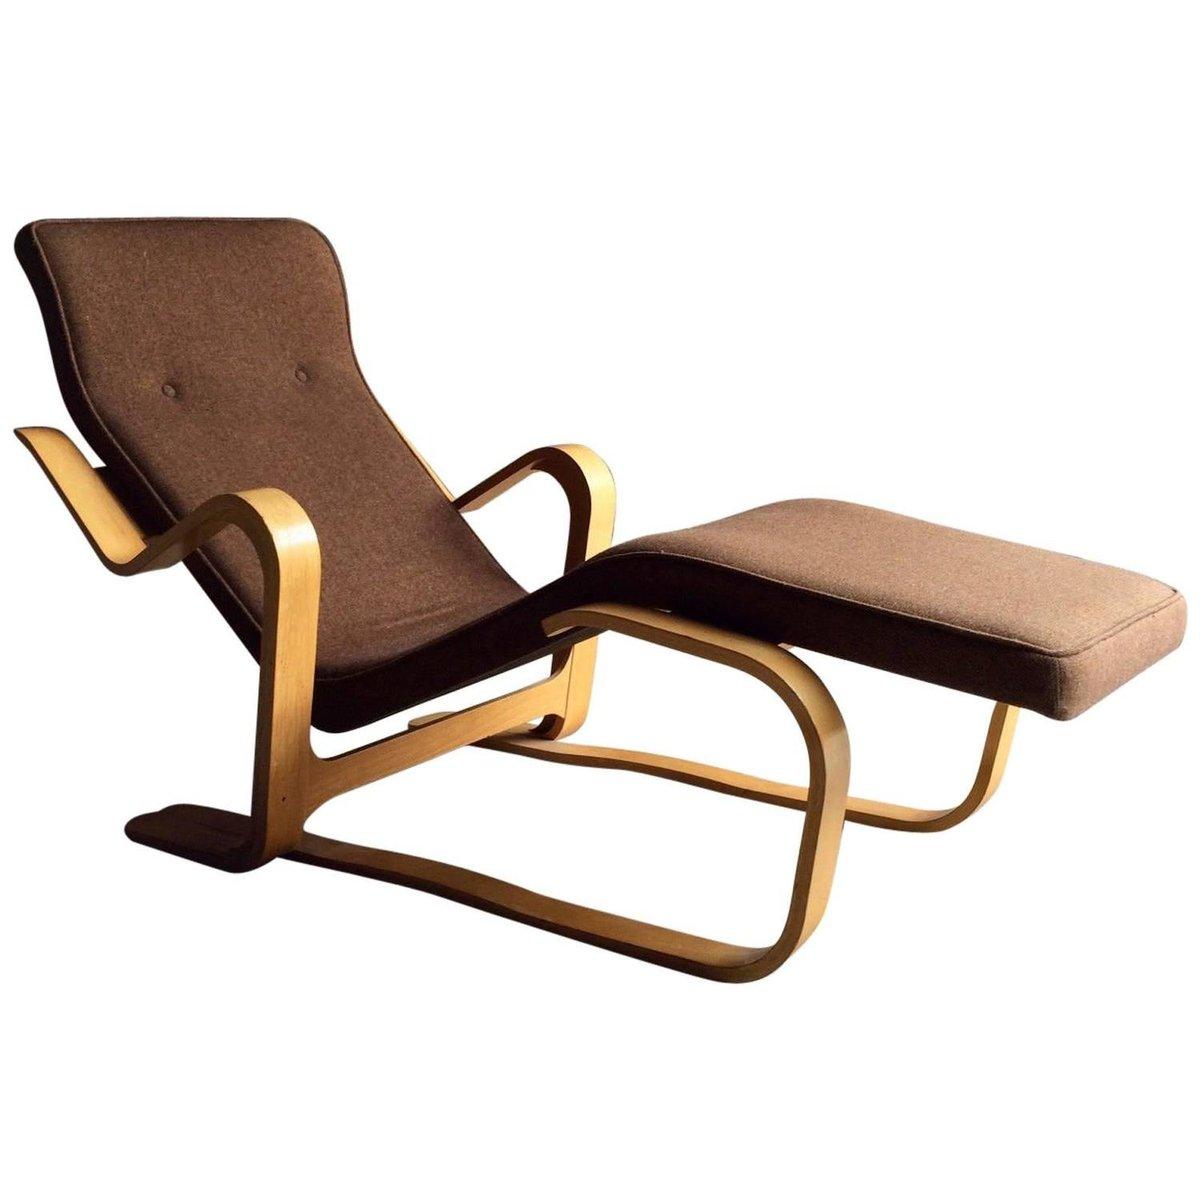 mid century chaise longue von marcel breuer 1970er bei pamono kaufen. Black Bedroom Furniture Sets. Home Design Ideas